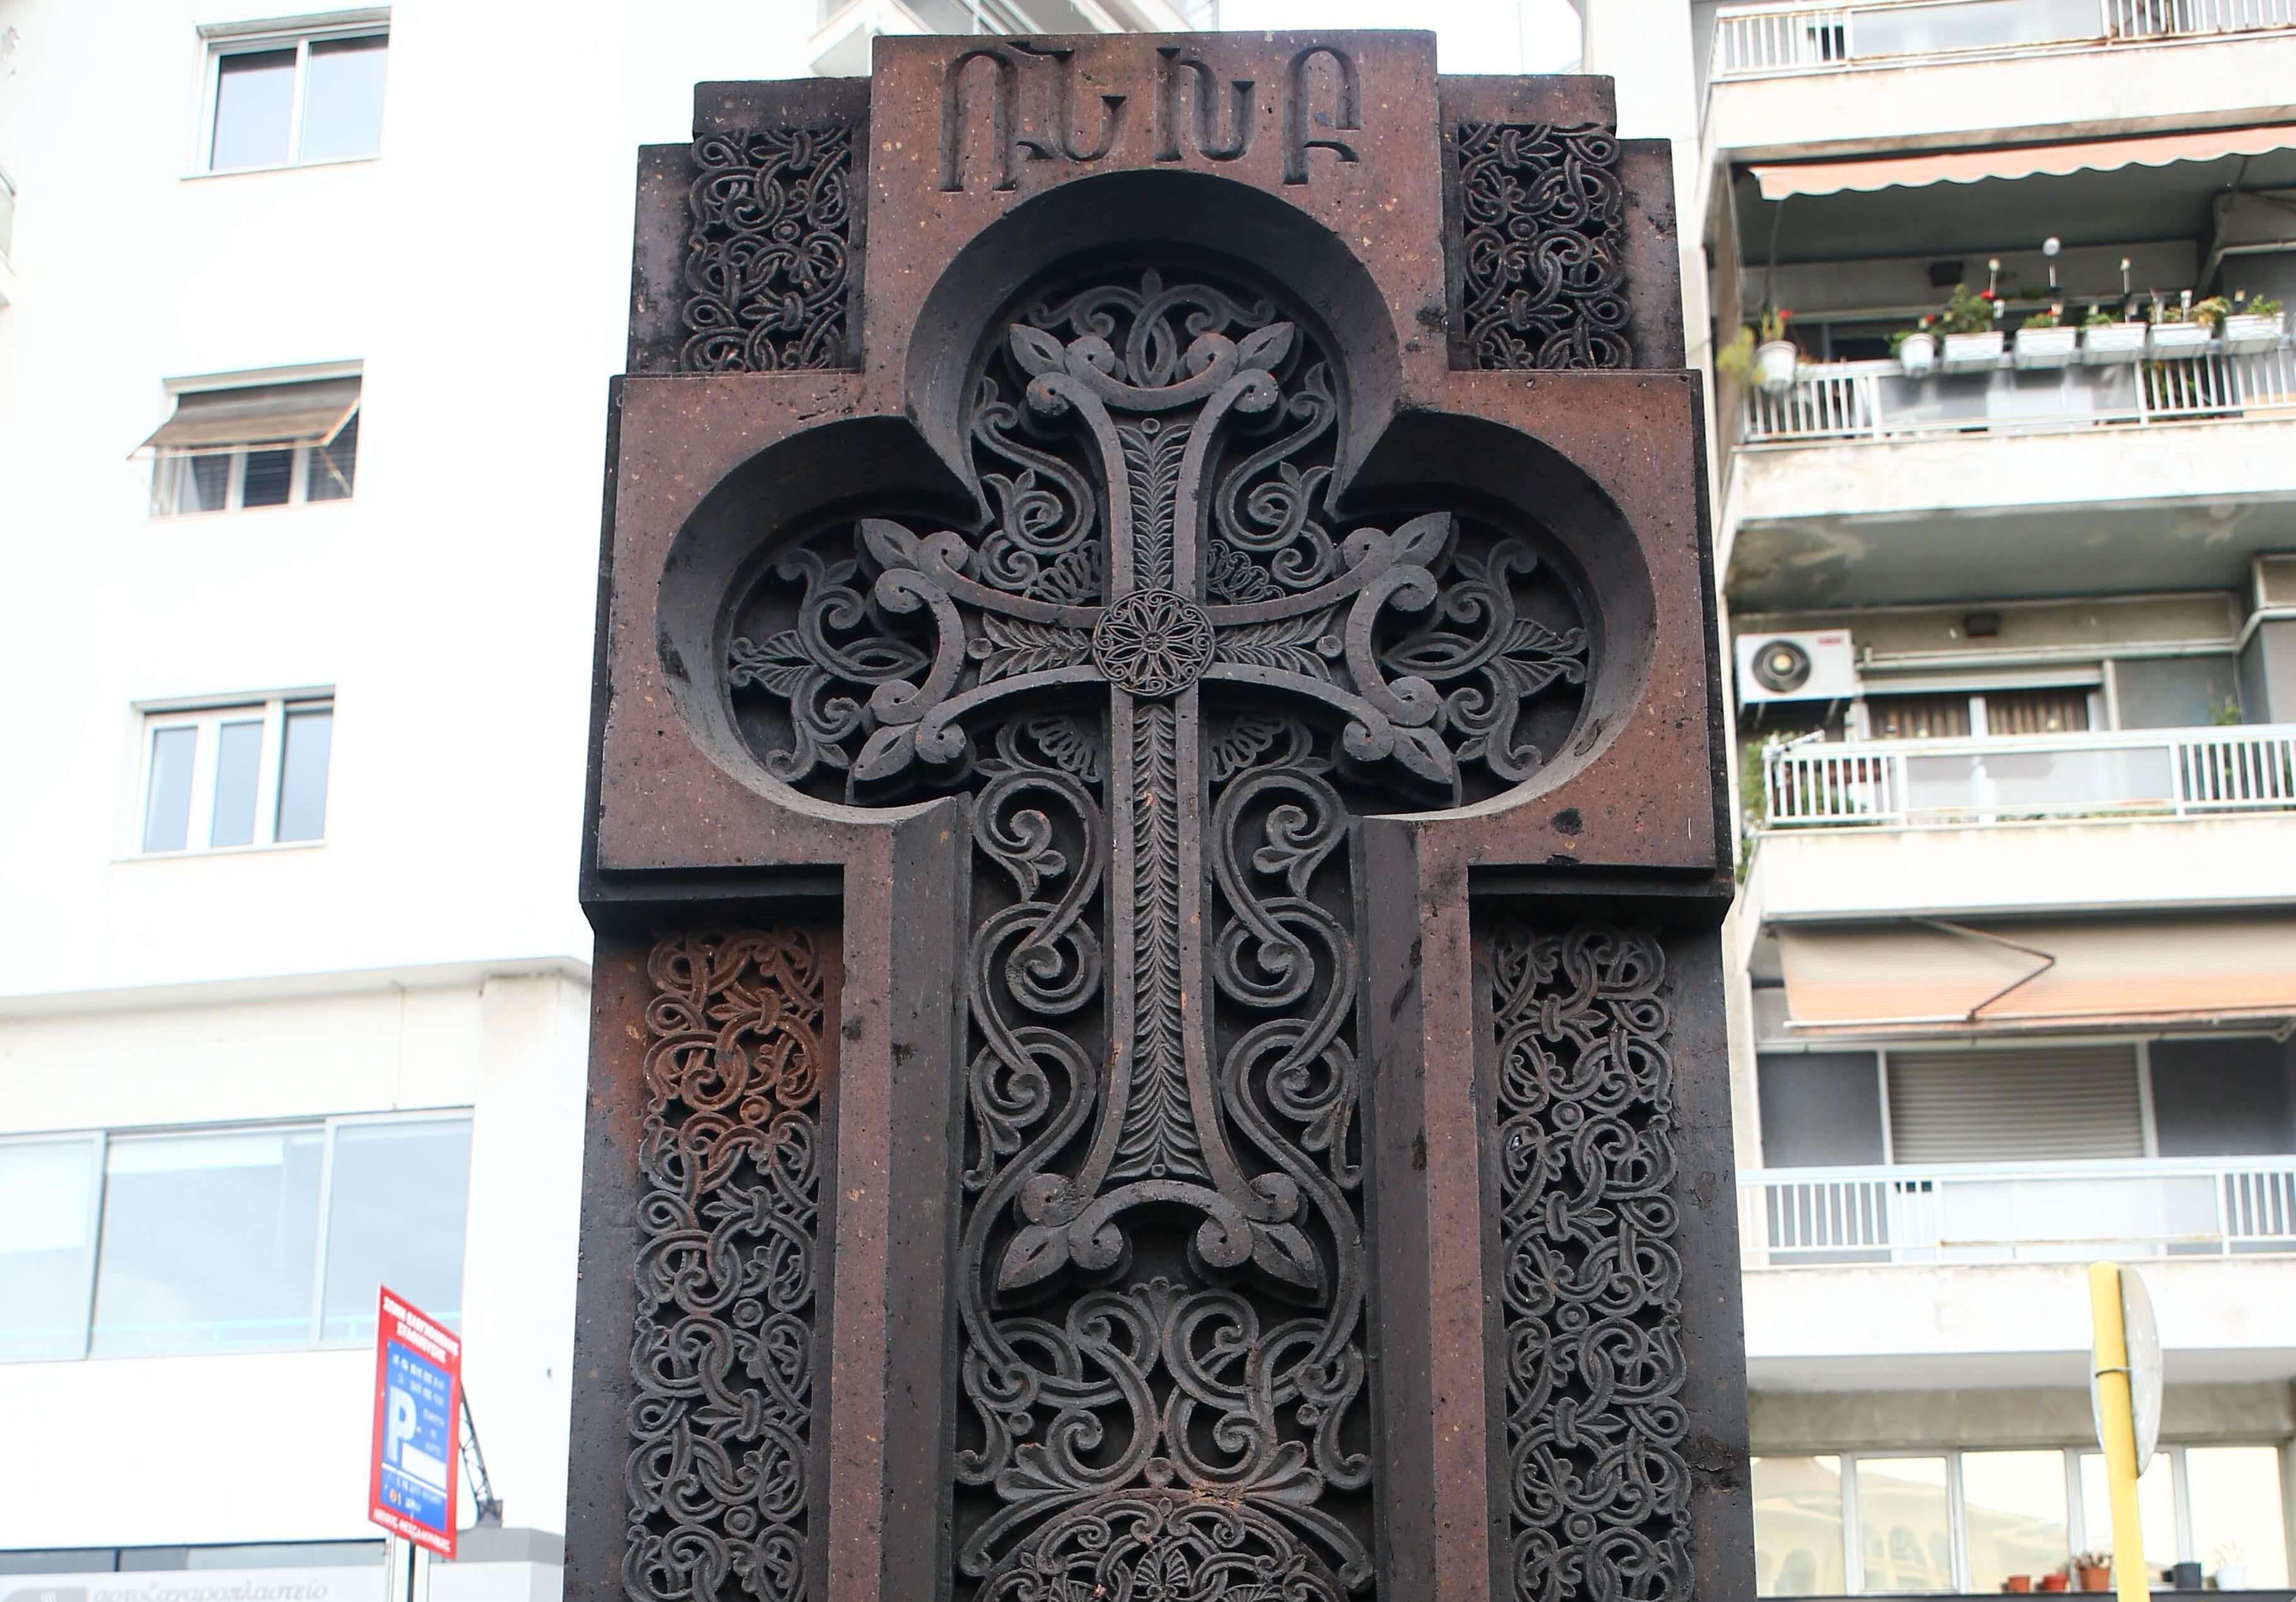 Θεσσαλονίκη: Επιμνημόσυνη δέηση για την Ημέρα Μνήμης της Γενοκτονίας των Αρμενίων